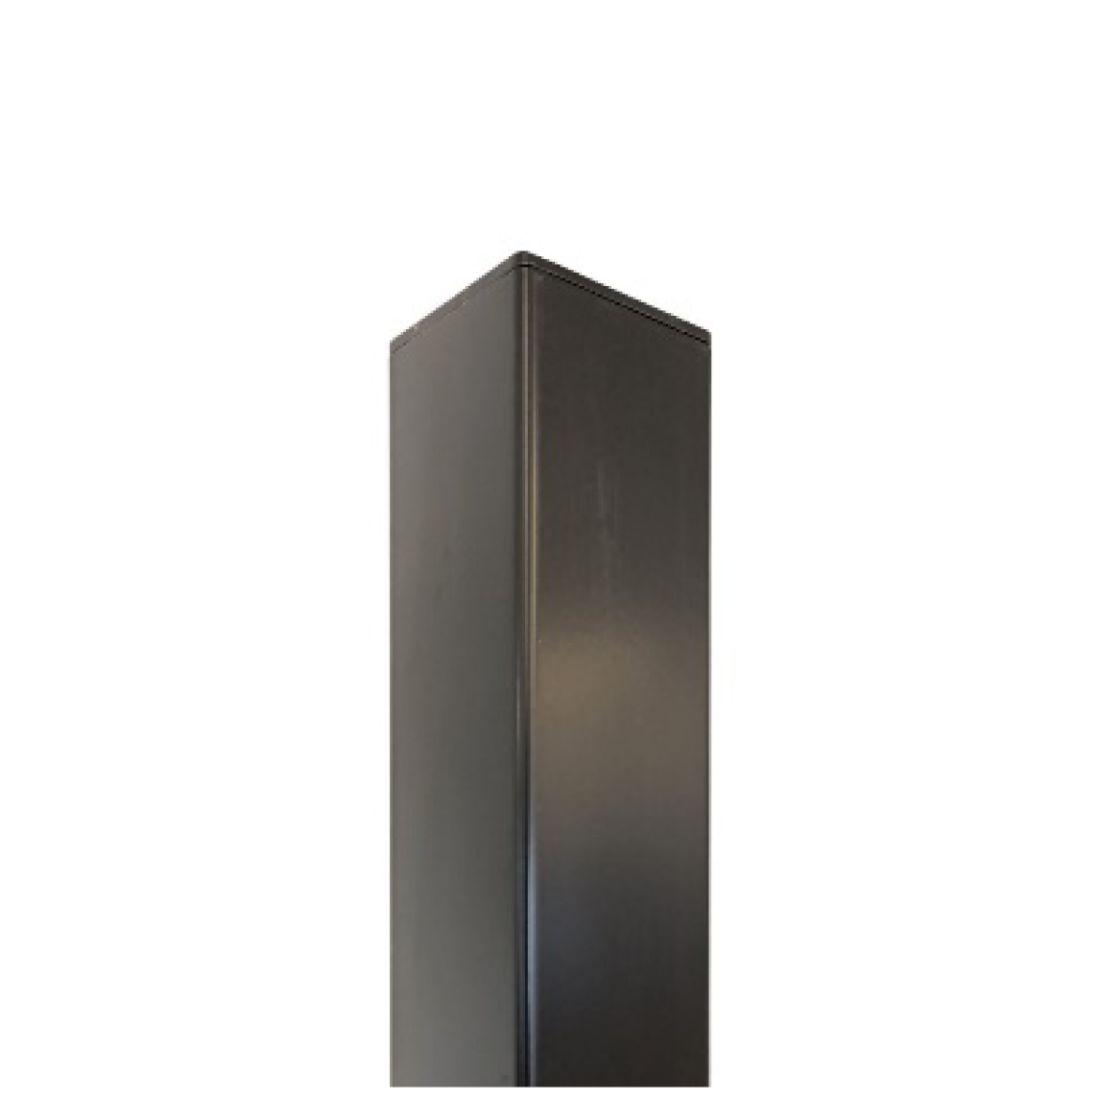 R Range Standard Aluminium Post Charcoal 2400 x 50 x 50mm ELI-POST-CHC-245050